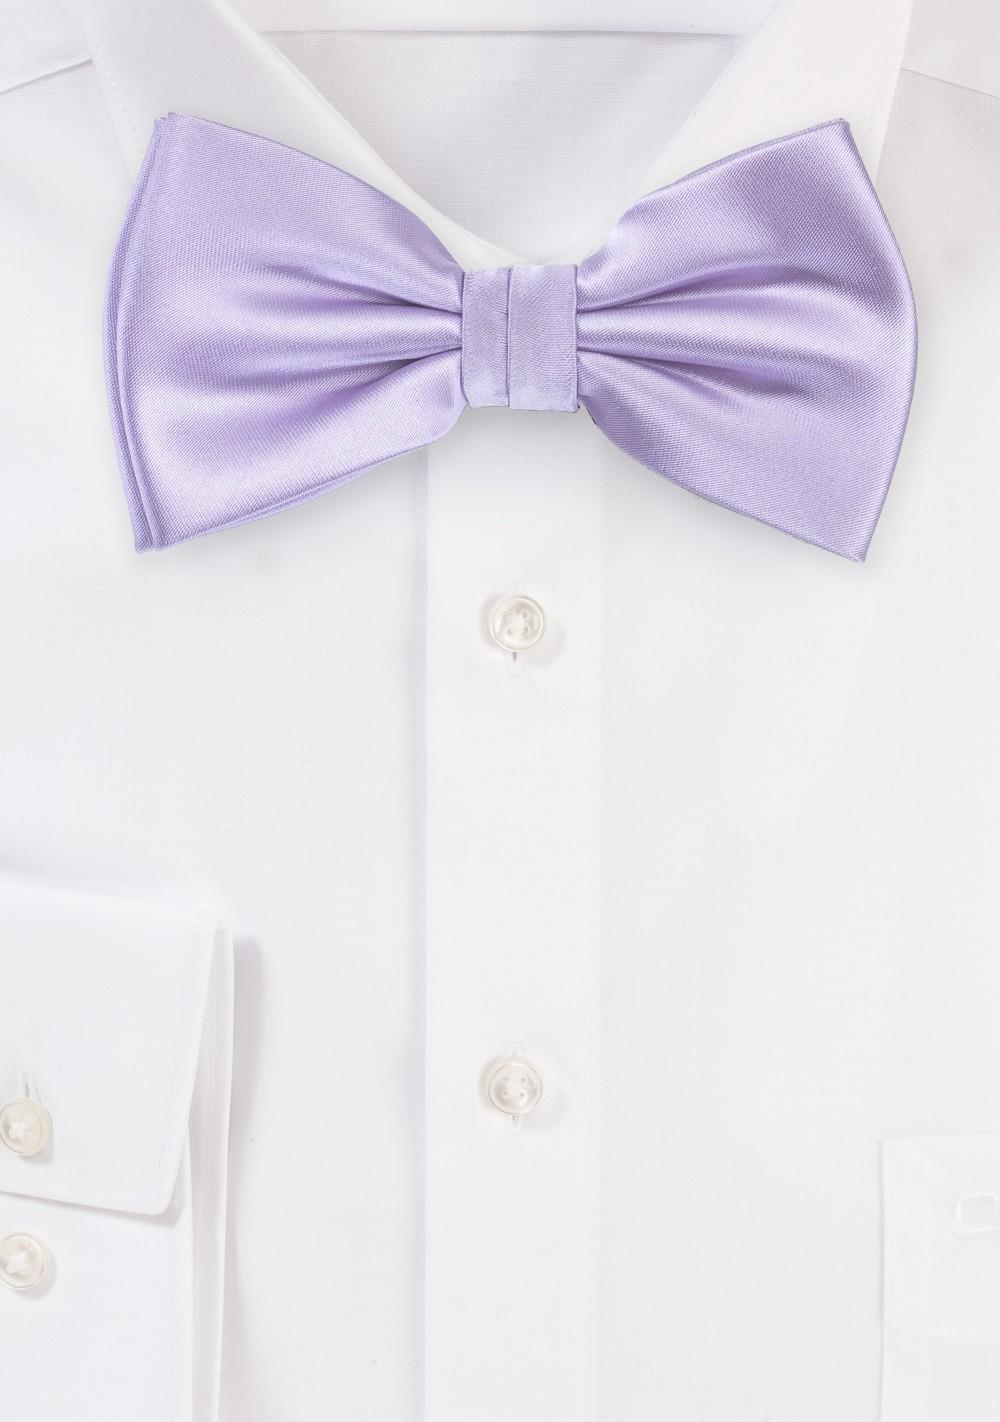 Soft Lavender Color Bow Tie